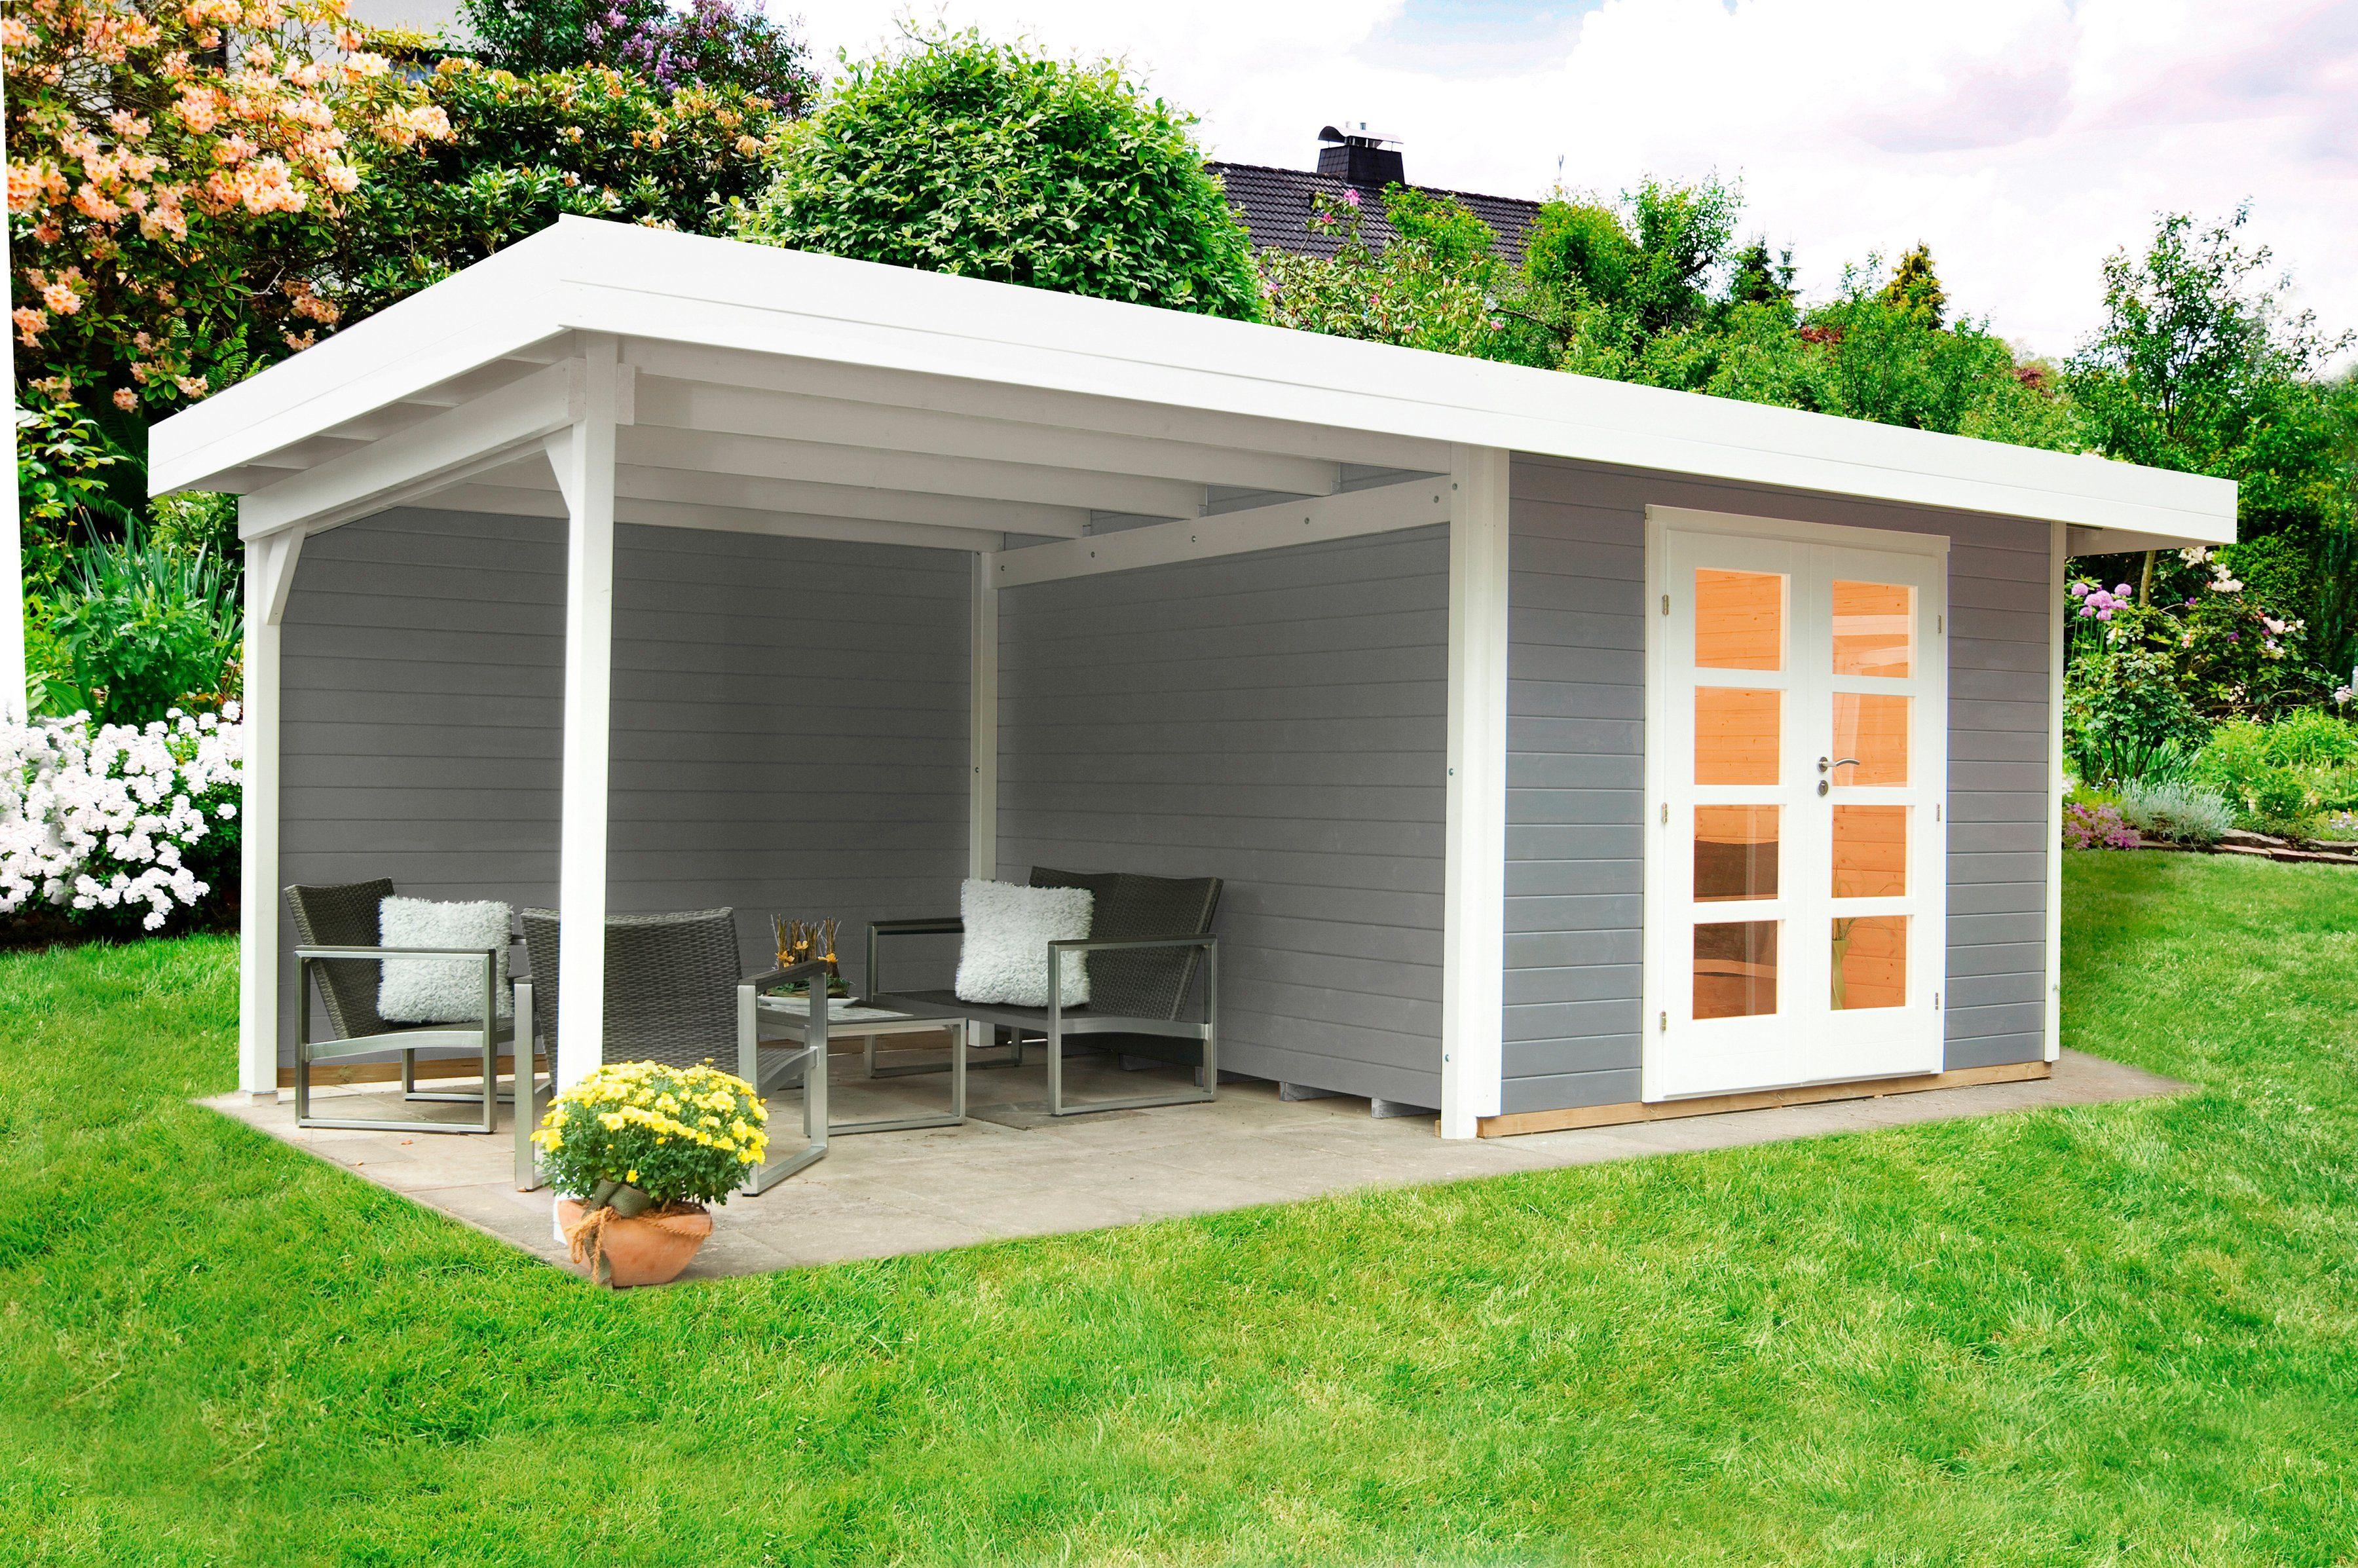 WOLFF Set: Gartenhaus »Relax Lounge B«, BxT: 645x314 cm, inkl. Fußboden, Dachanbau mit Rückwand